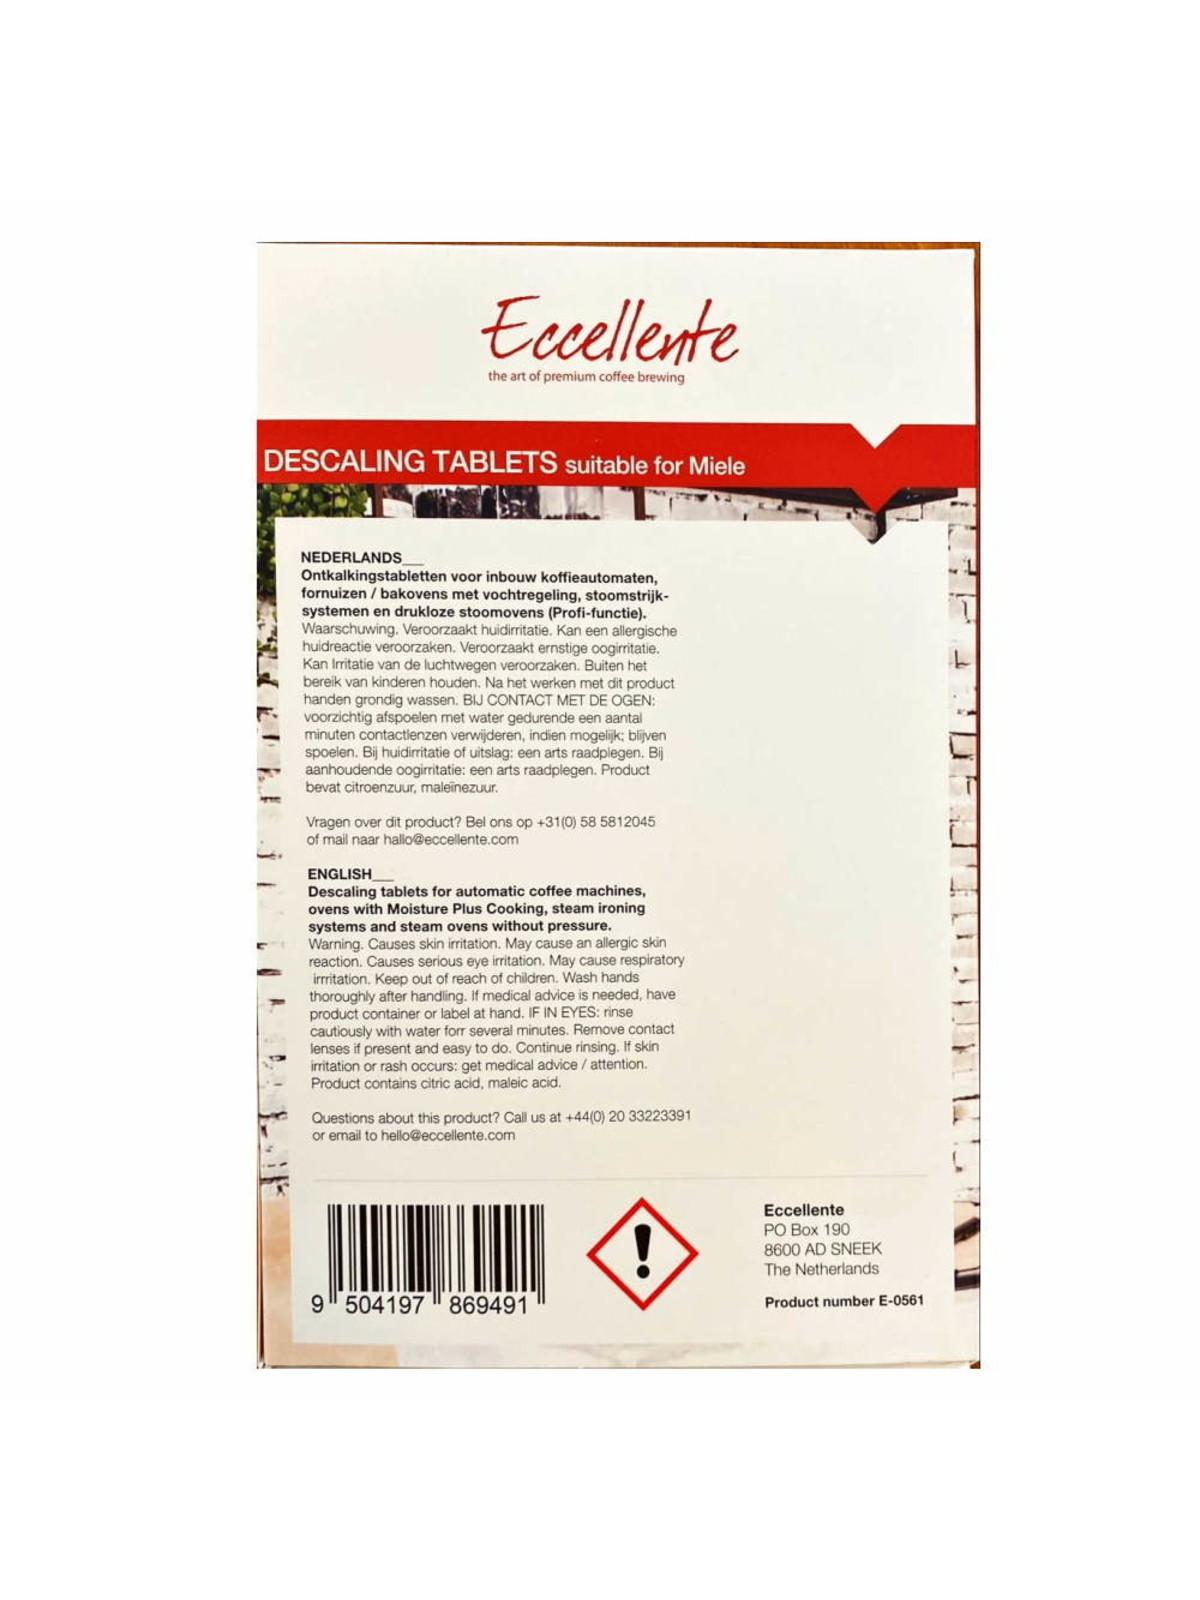 ECCELLENTE Descaling Tablets for Miele - 6 x 50 gram